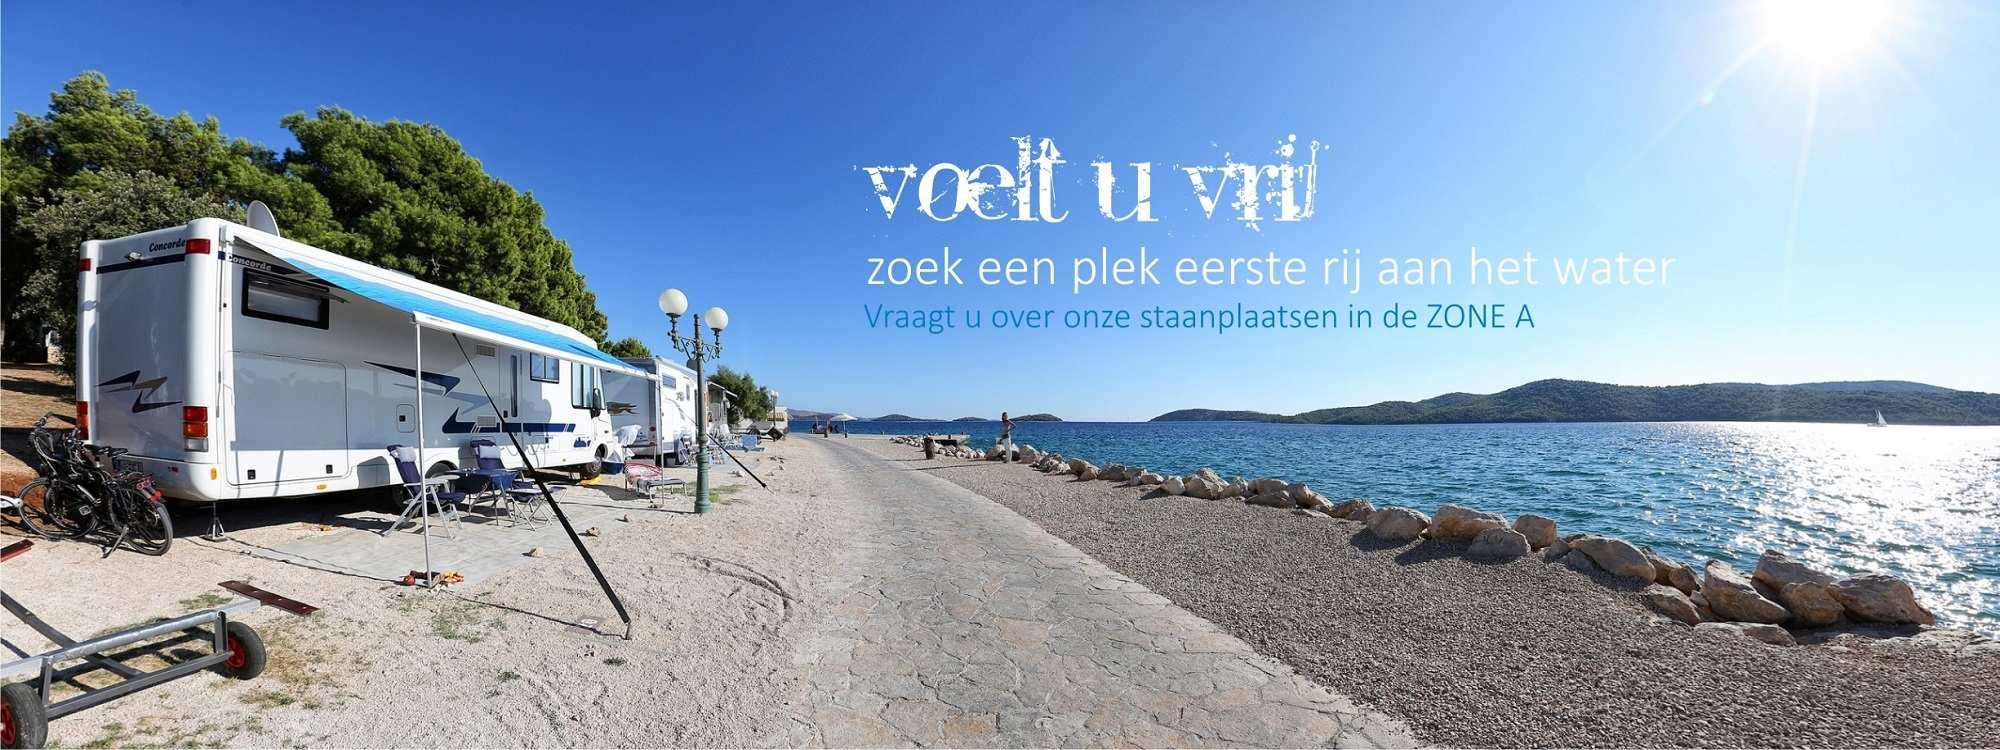 Solaris_camping_beach_resort_kroatie_staanplatseen_zoneA_voelt_vrij